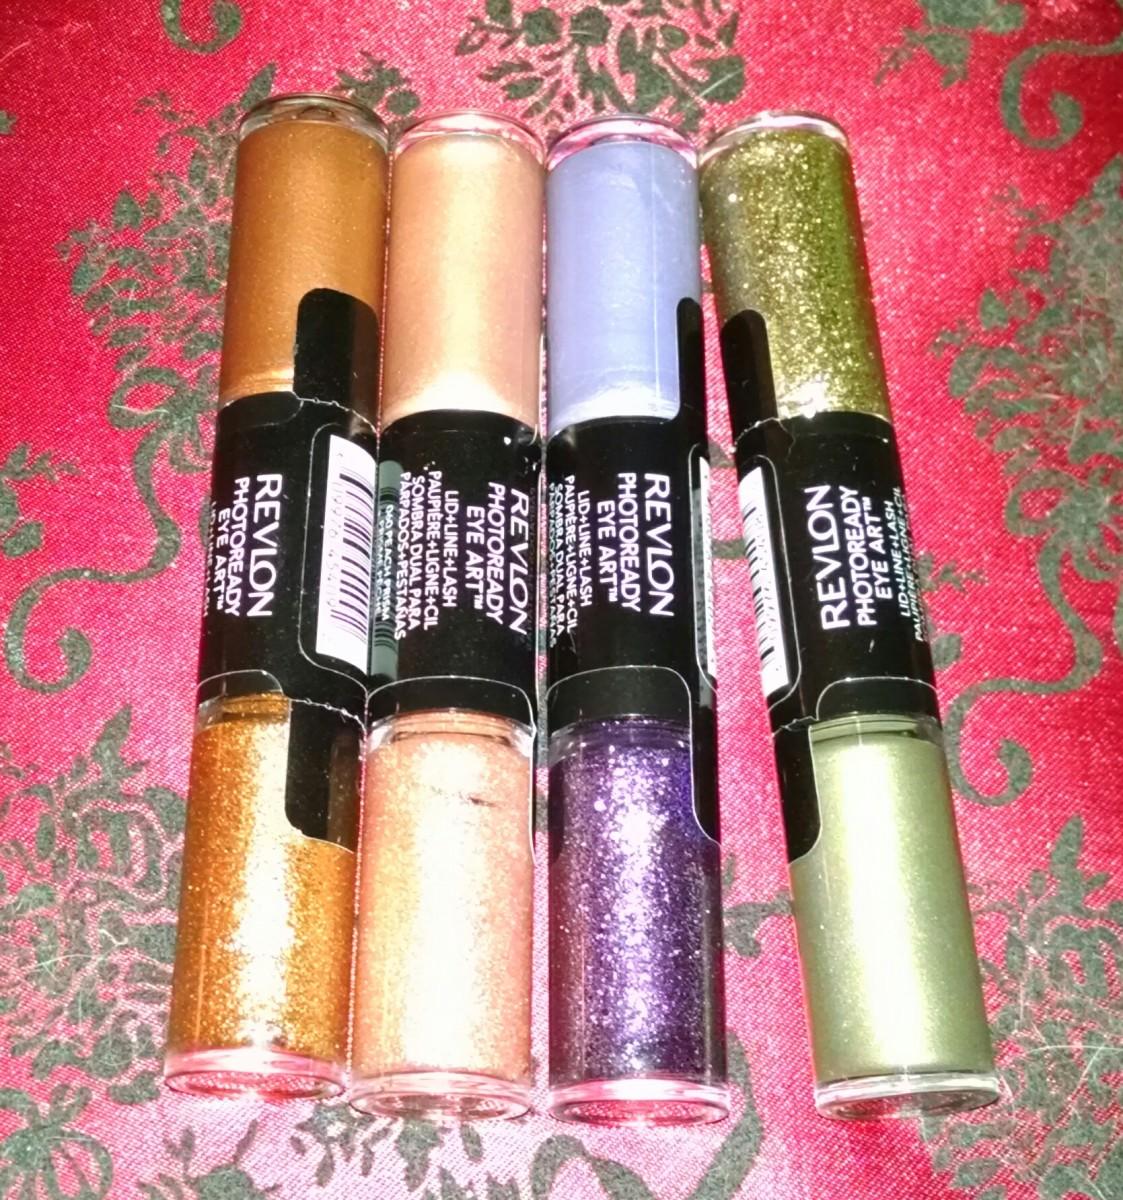 hidden-gem-of-the-drugstore-beauty-aisle-revlon-photoready-eye-art-pens